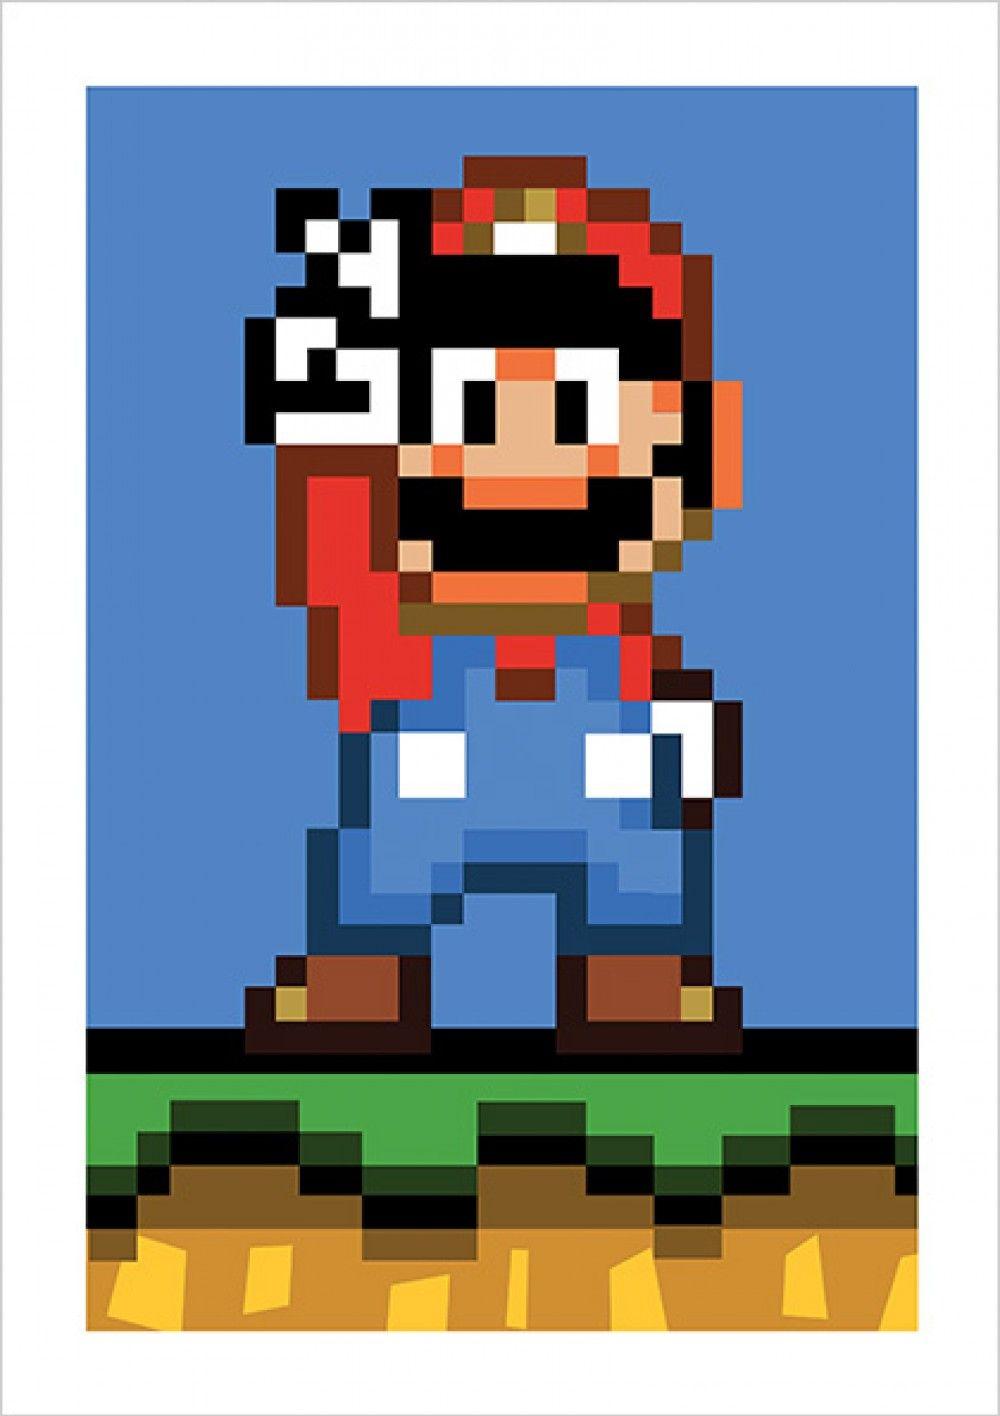 Super Mario World Super Mario Jogos Super Mario Ilustracoes Super Heroi